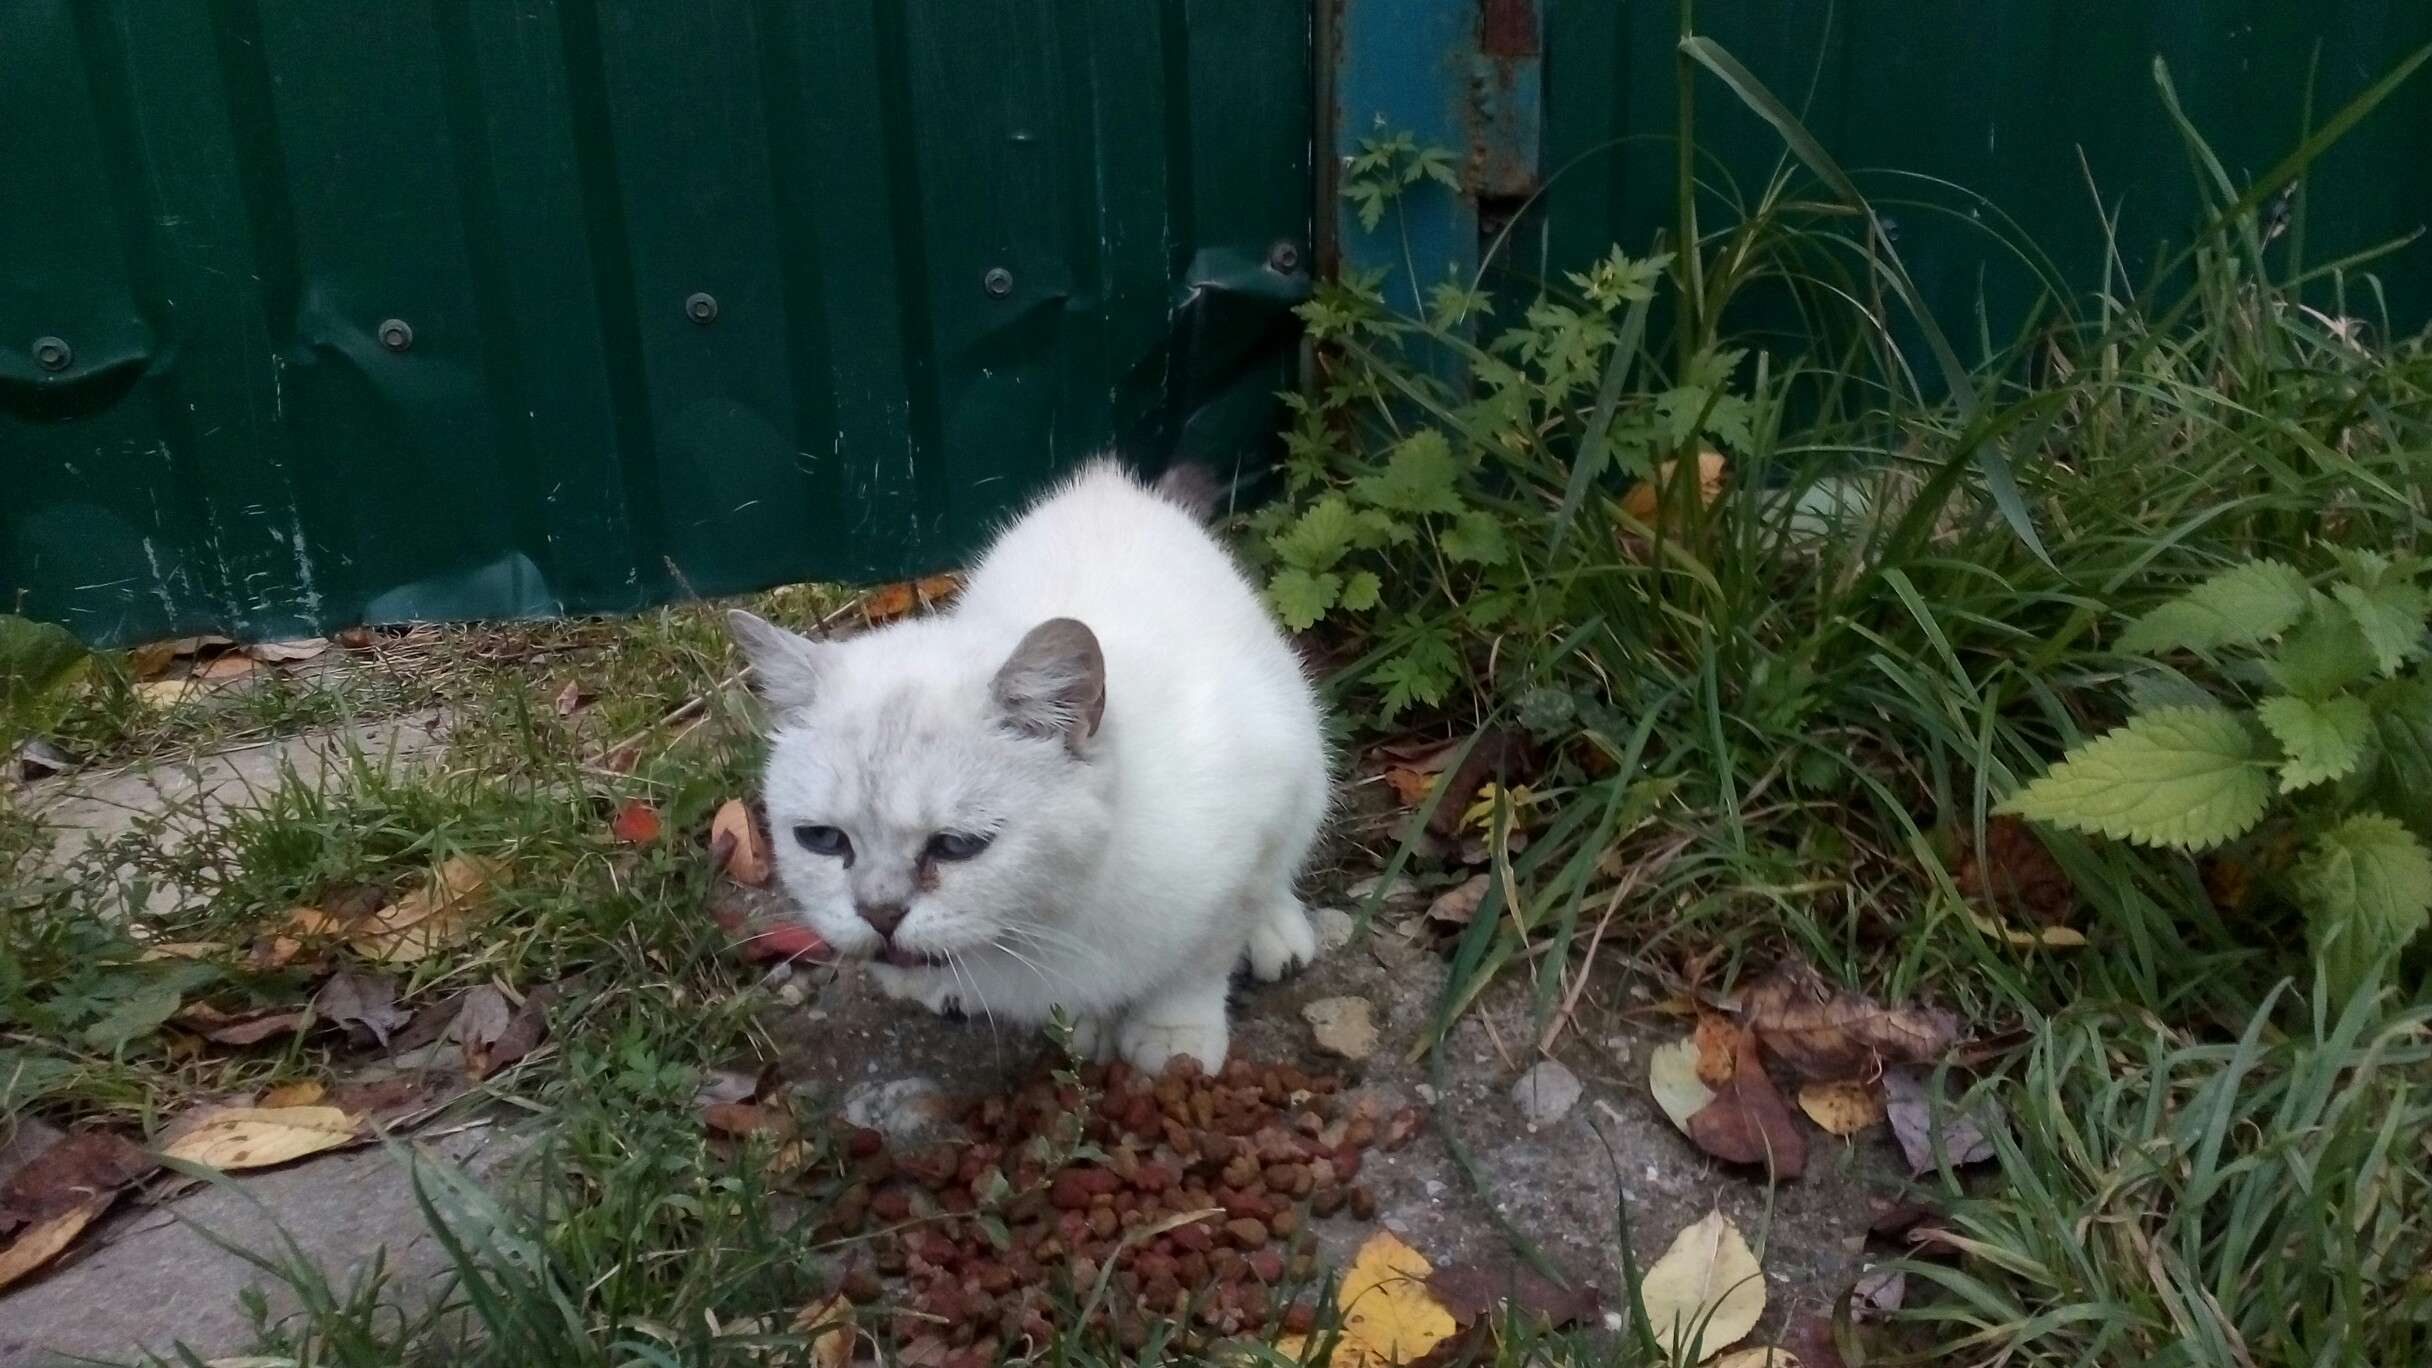 Может кому нибудь приглянеться милая кошка оставили